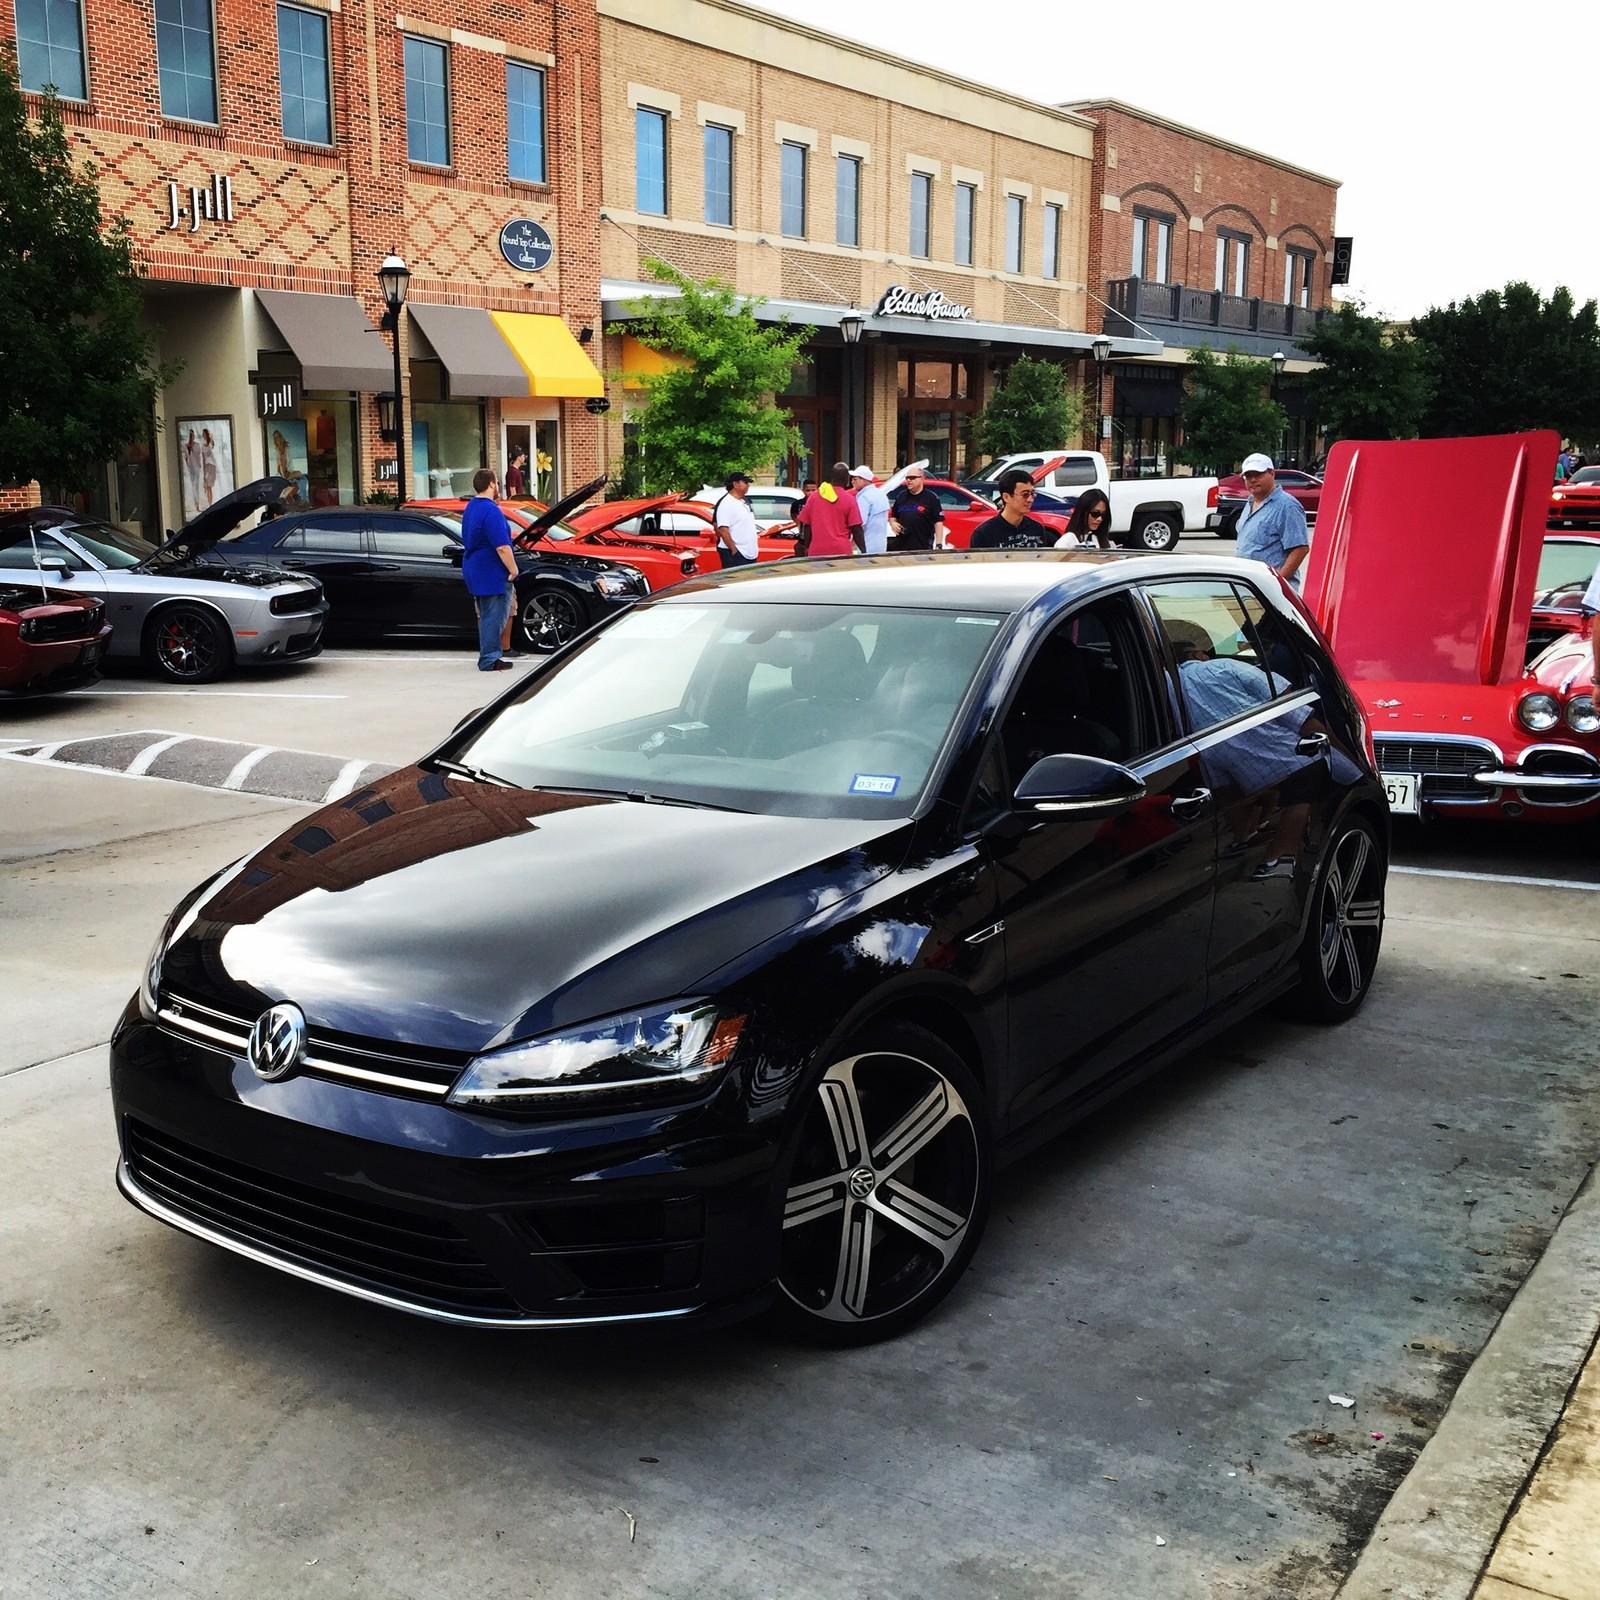 Golf R 0 60 >> 2015 Volkswagen Golf R 1/4 mile trap speeds 0-60 - DragTimes.com